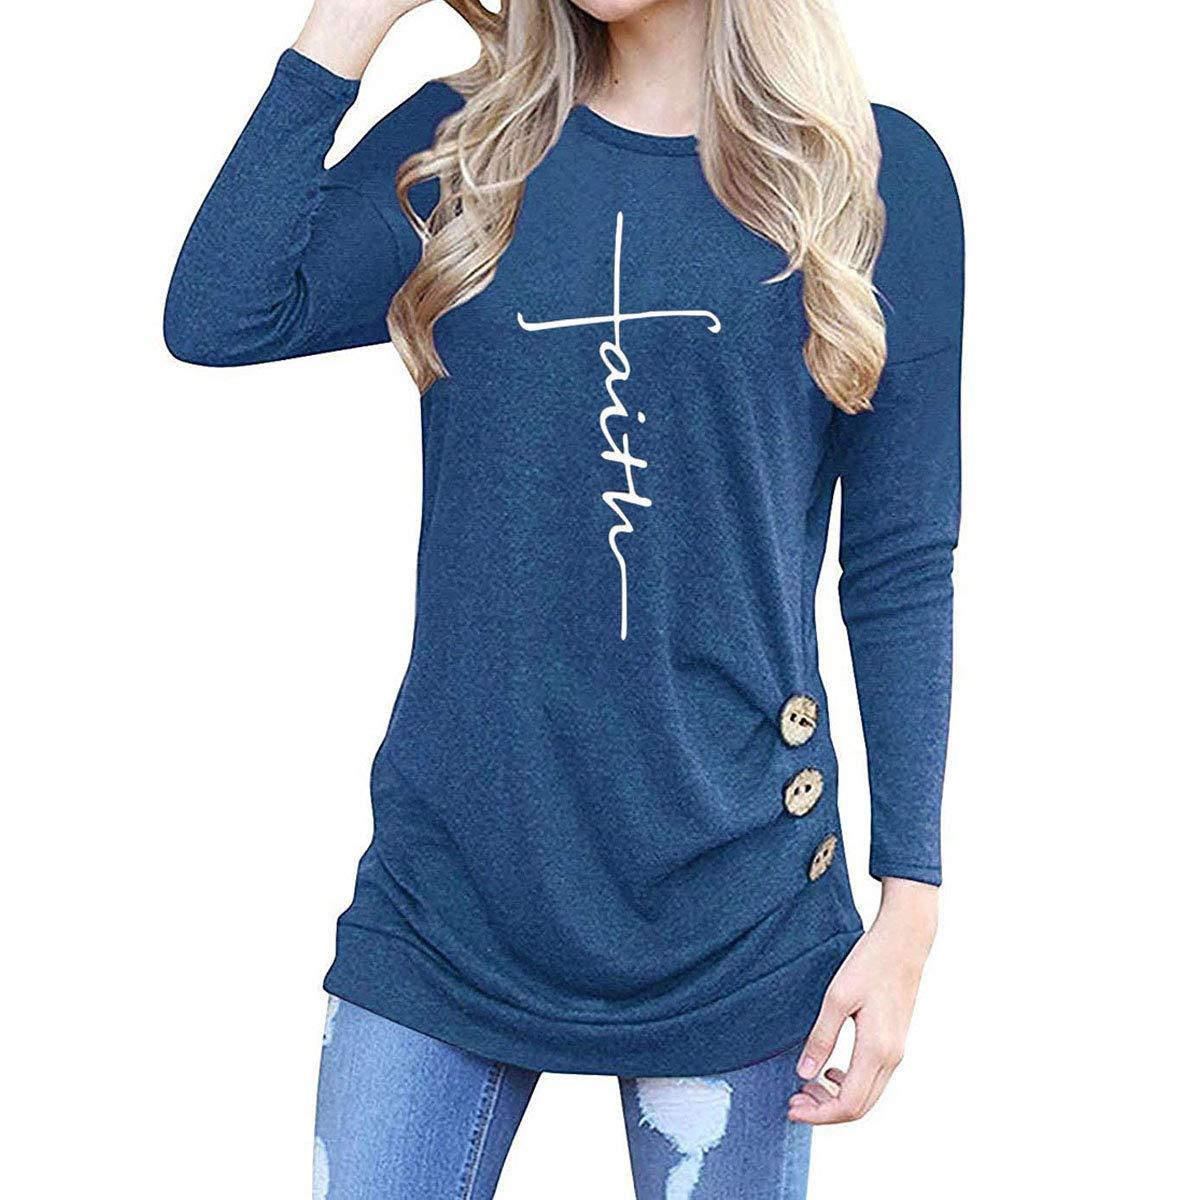 UK Ladies Hoodie Women/'s Sweatshirt Faith Print Long Sleeve Pullover Jumper Top